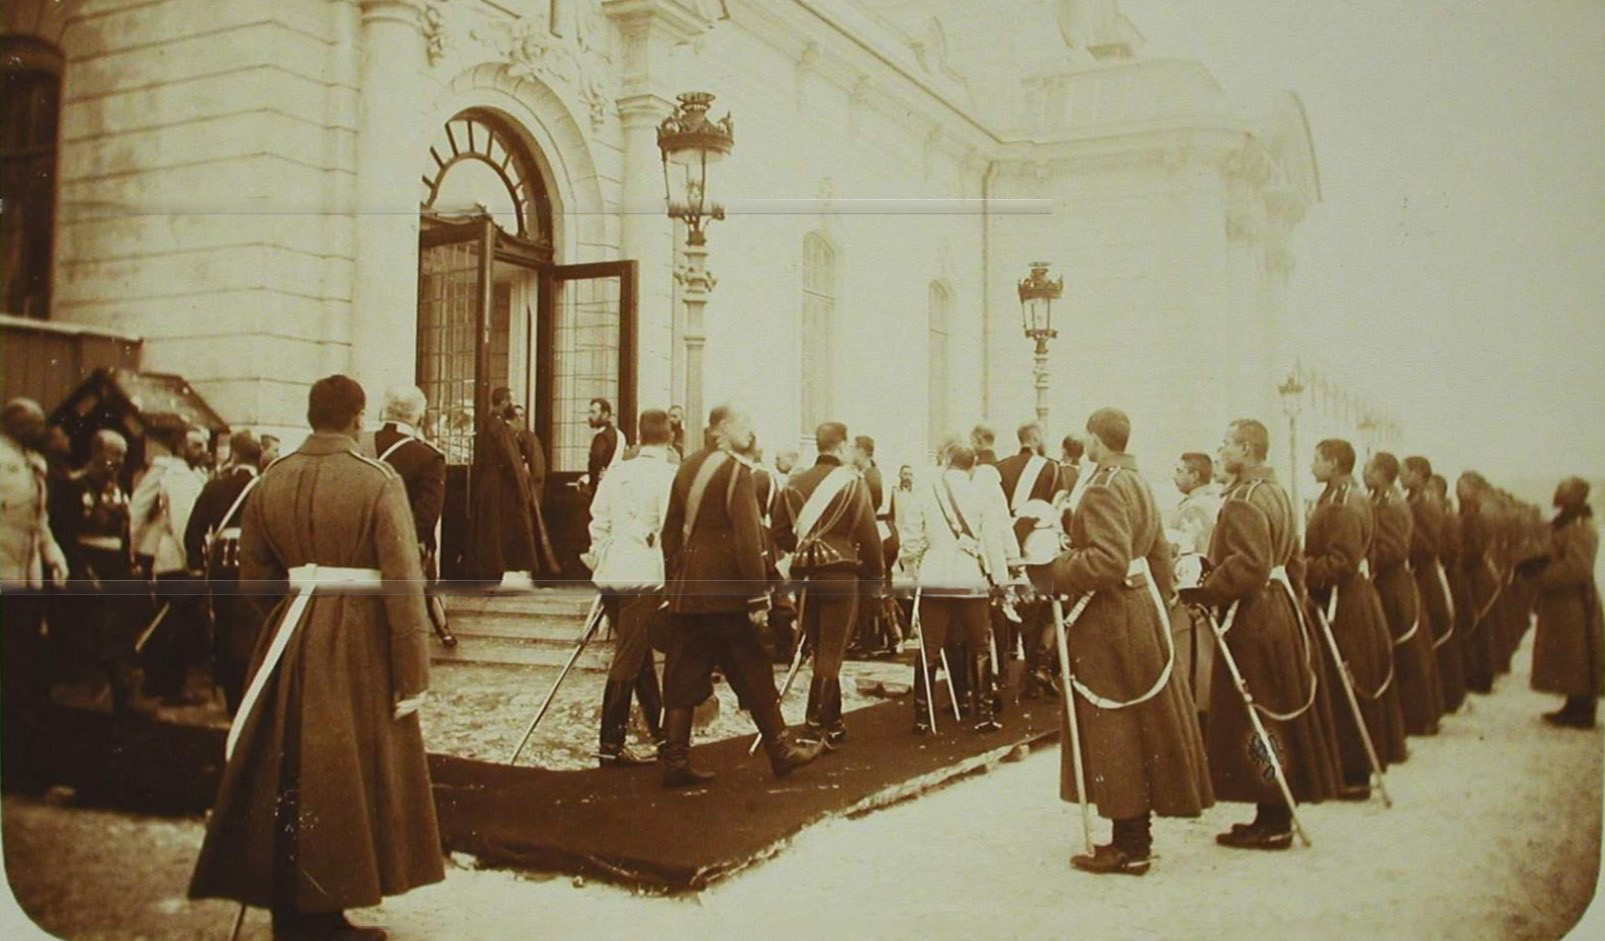 06. Кавалергарды приветствуют входящих в церковь императора Николая II и его свиту, прибывших на церемонию освящения полковой церкви